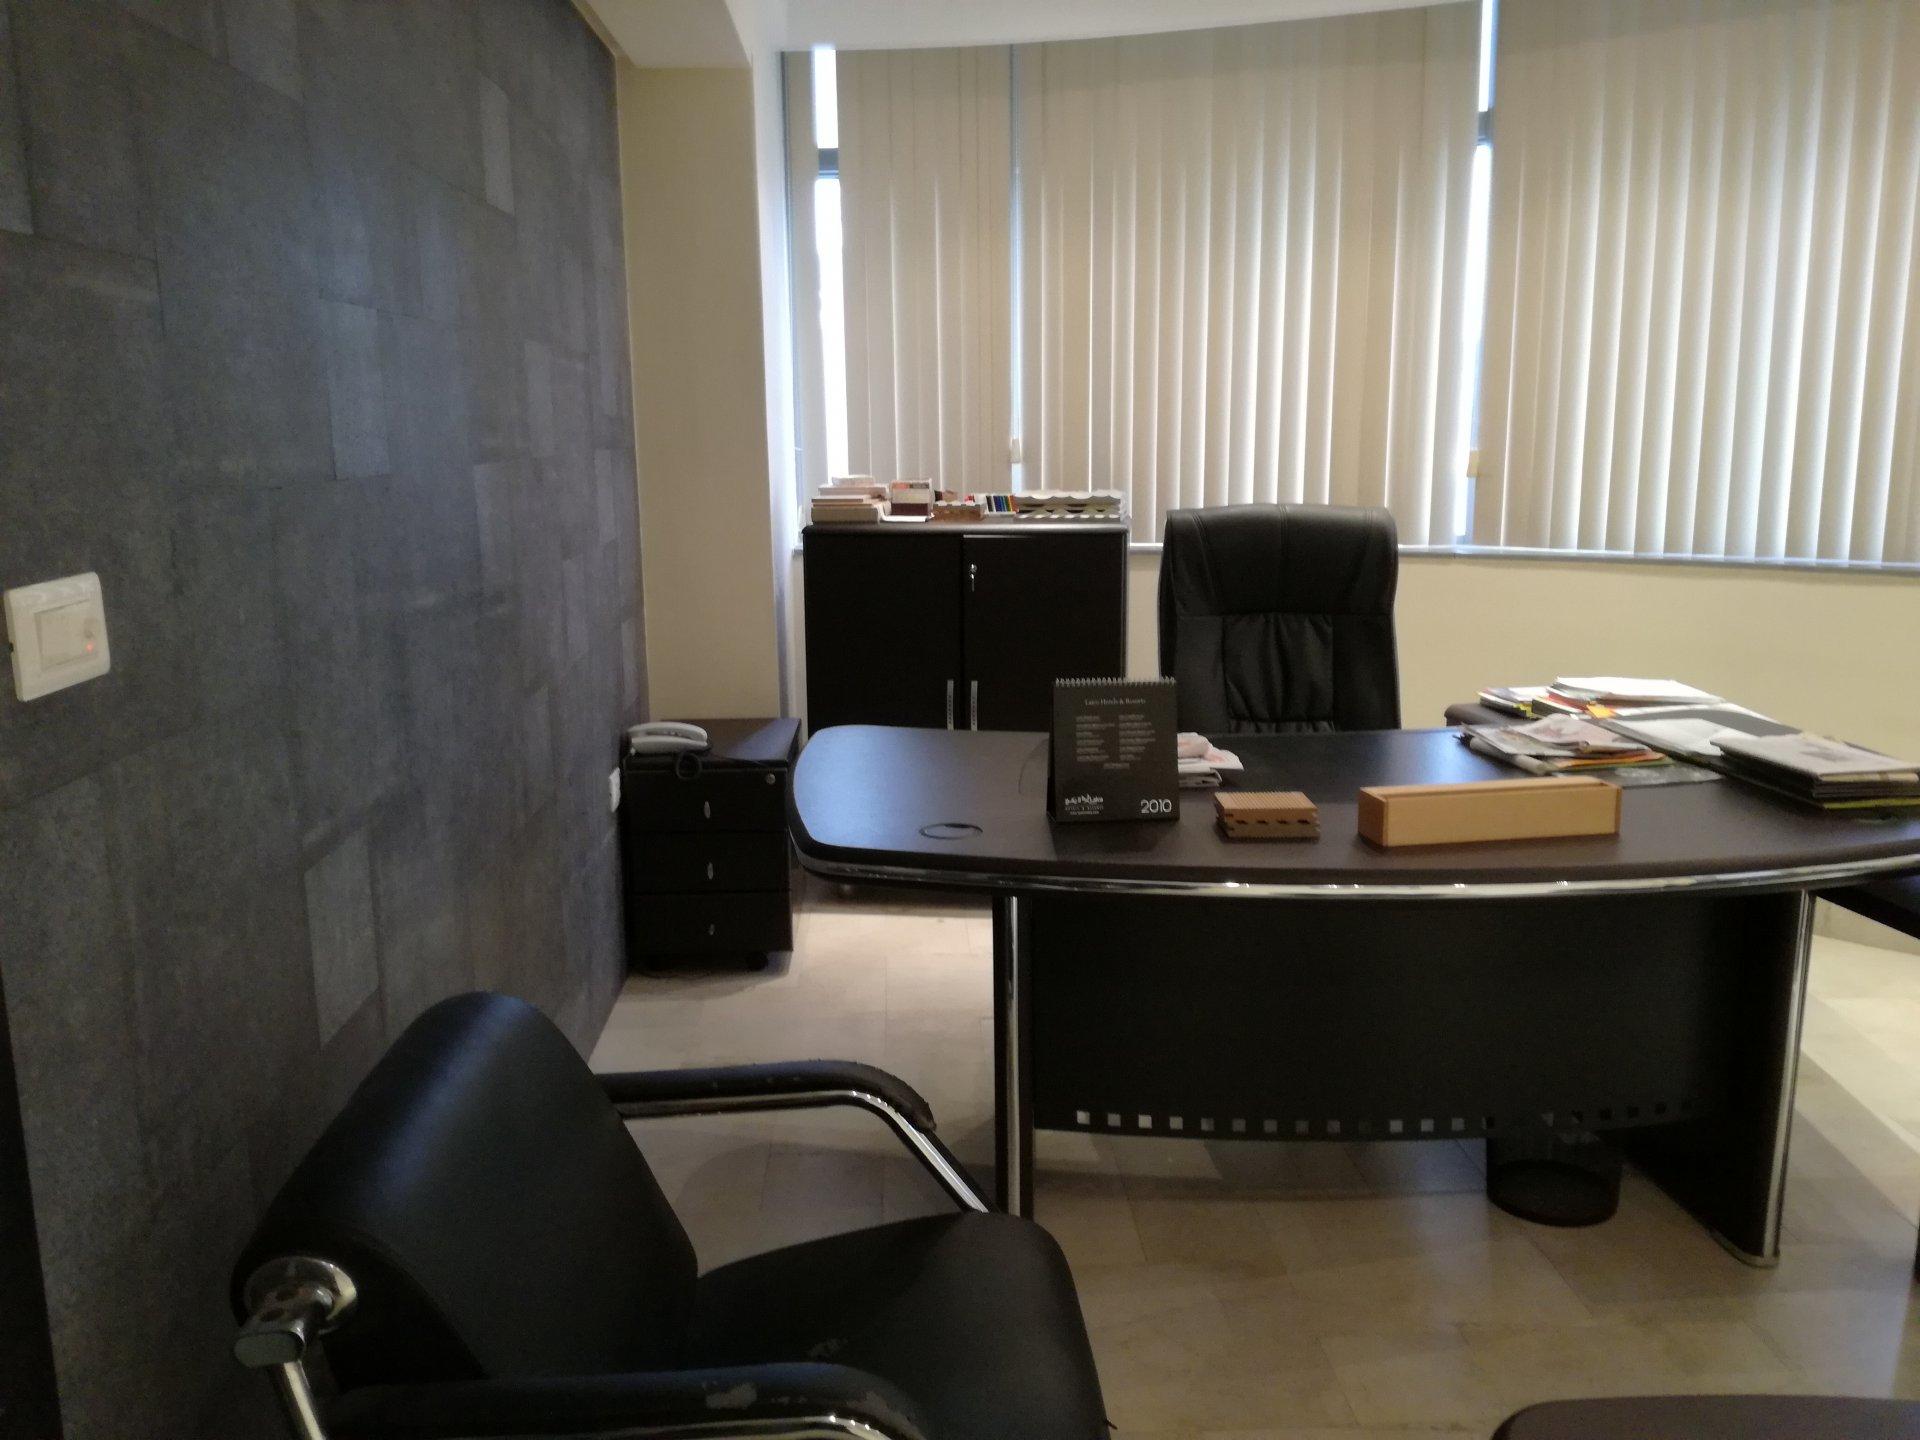 Appartement pour usage bureautique